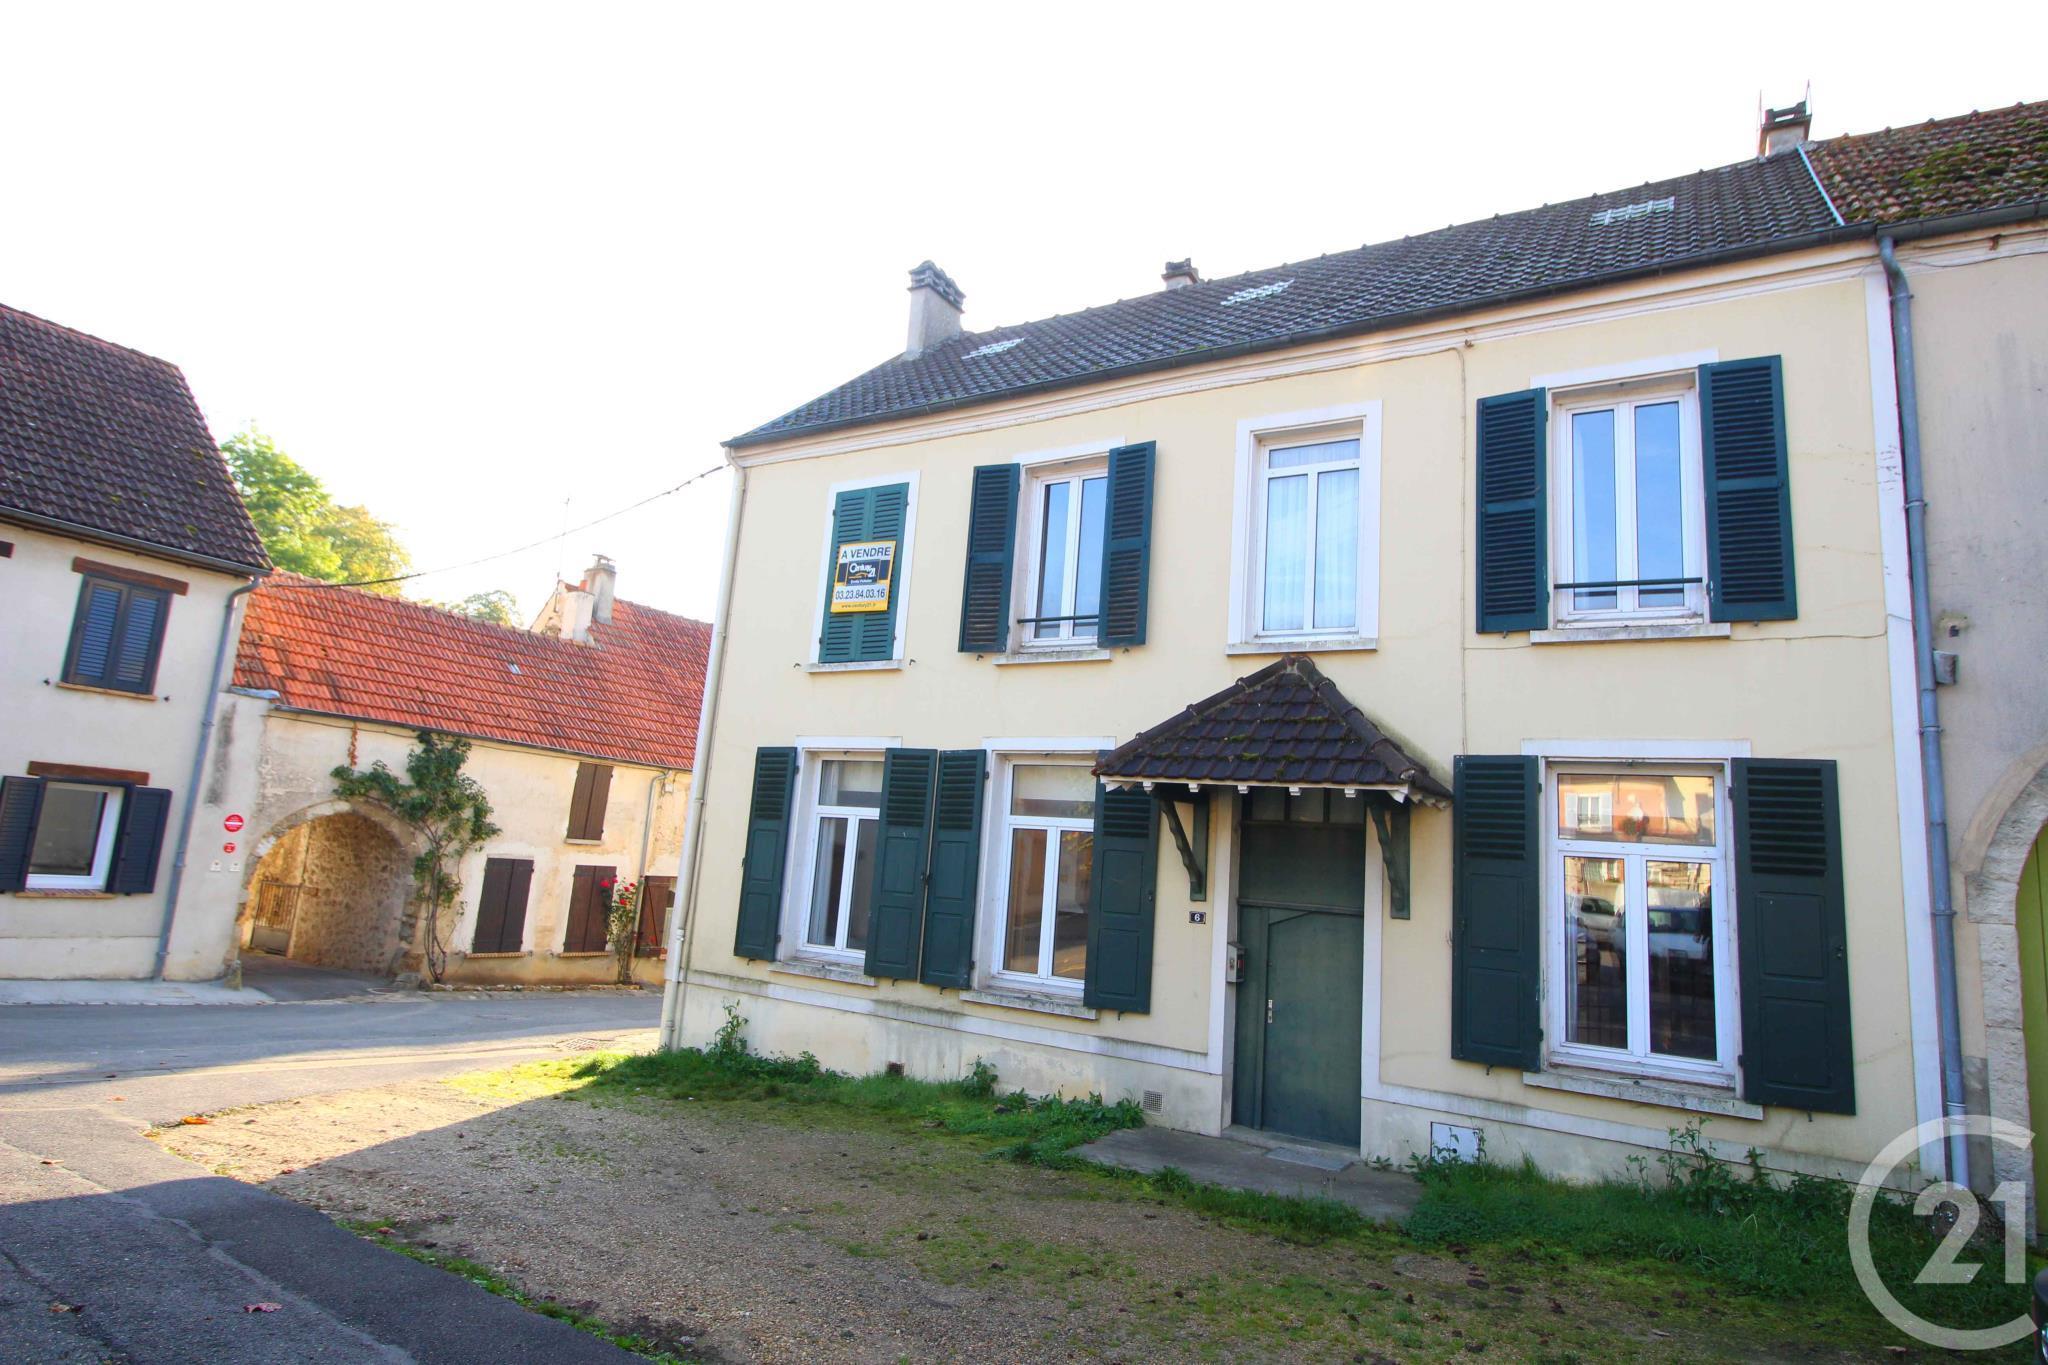 Maison vendre 11 pi ces 202 m2 chateau thierry 02 picardie - Bureau 02 chateau thierry ...